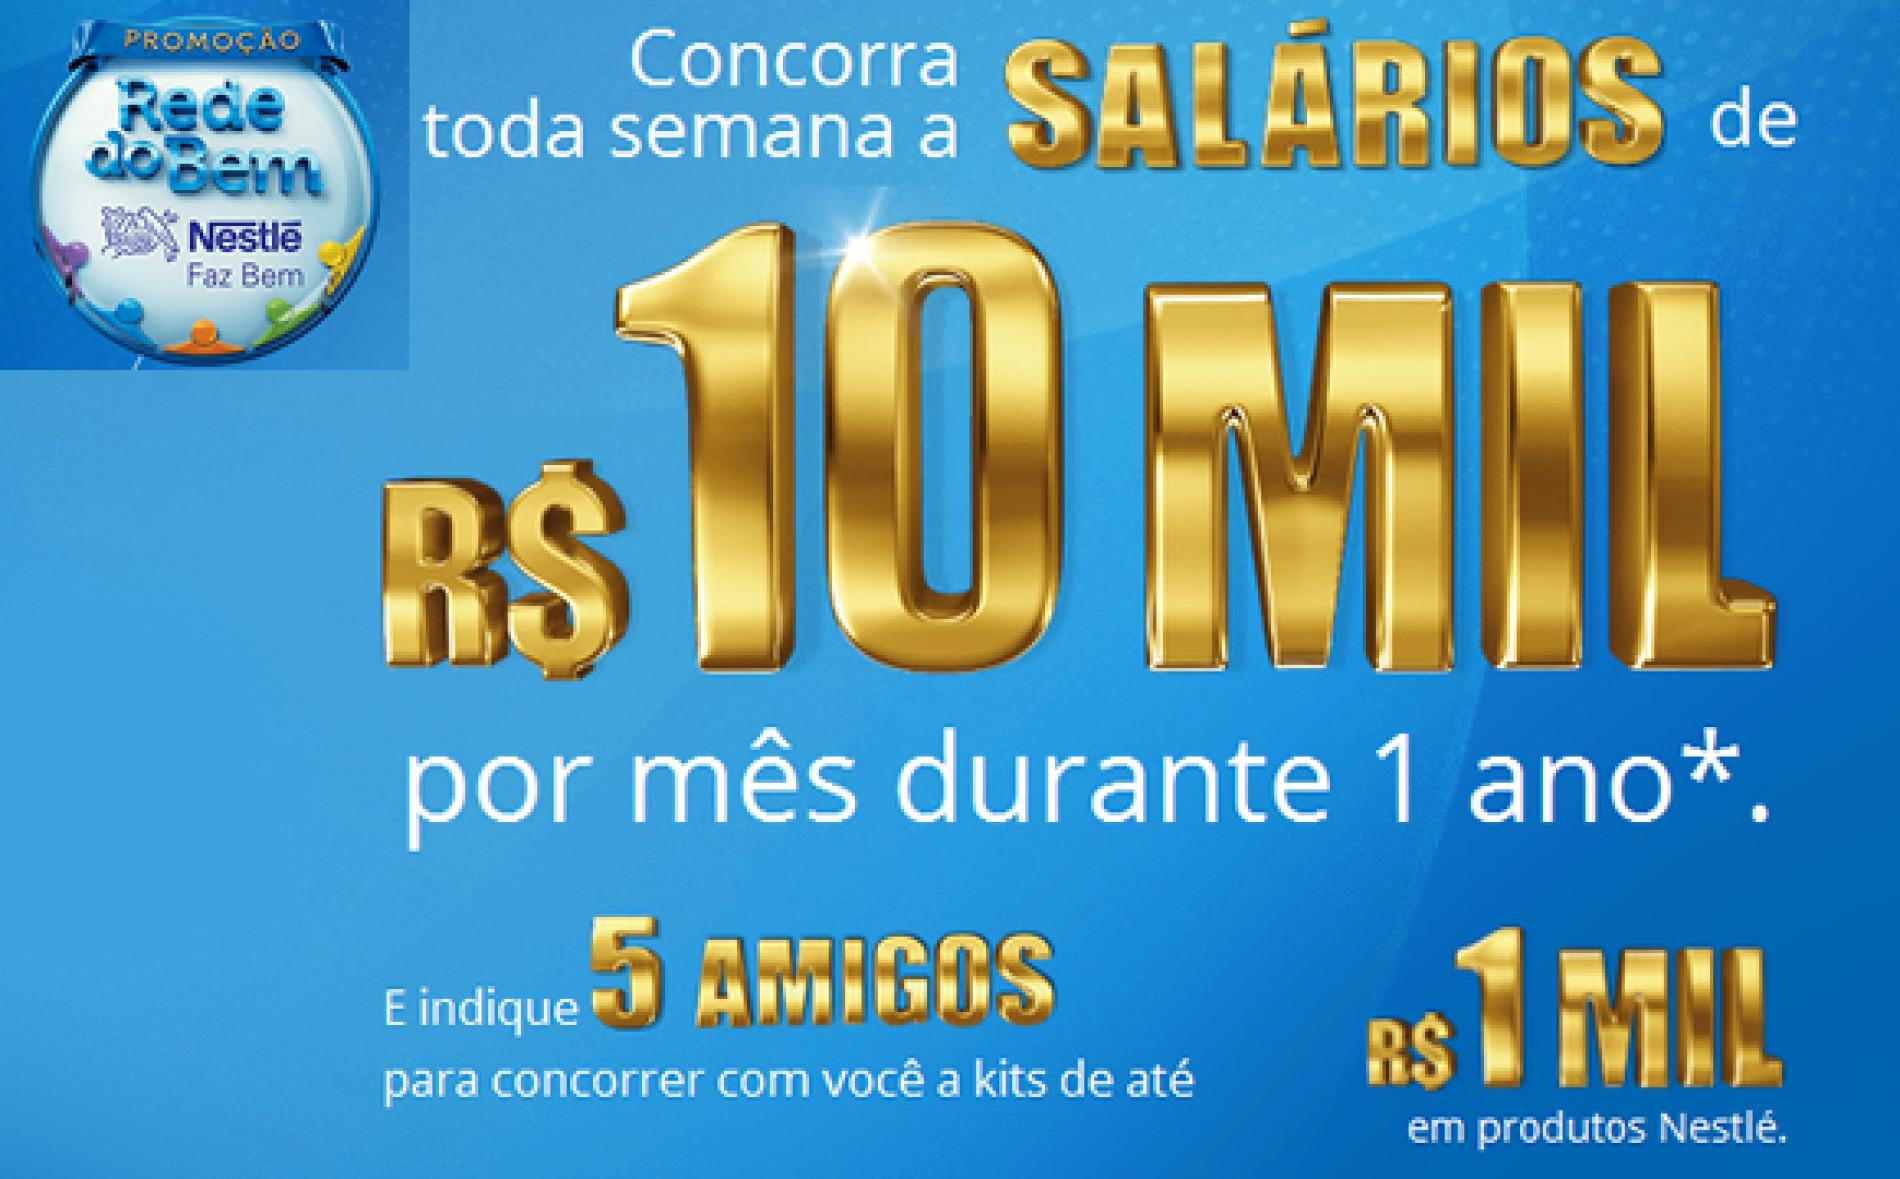 Promoção Nestle Rede do Bem – Concorra a salários de 10 mil reais